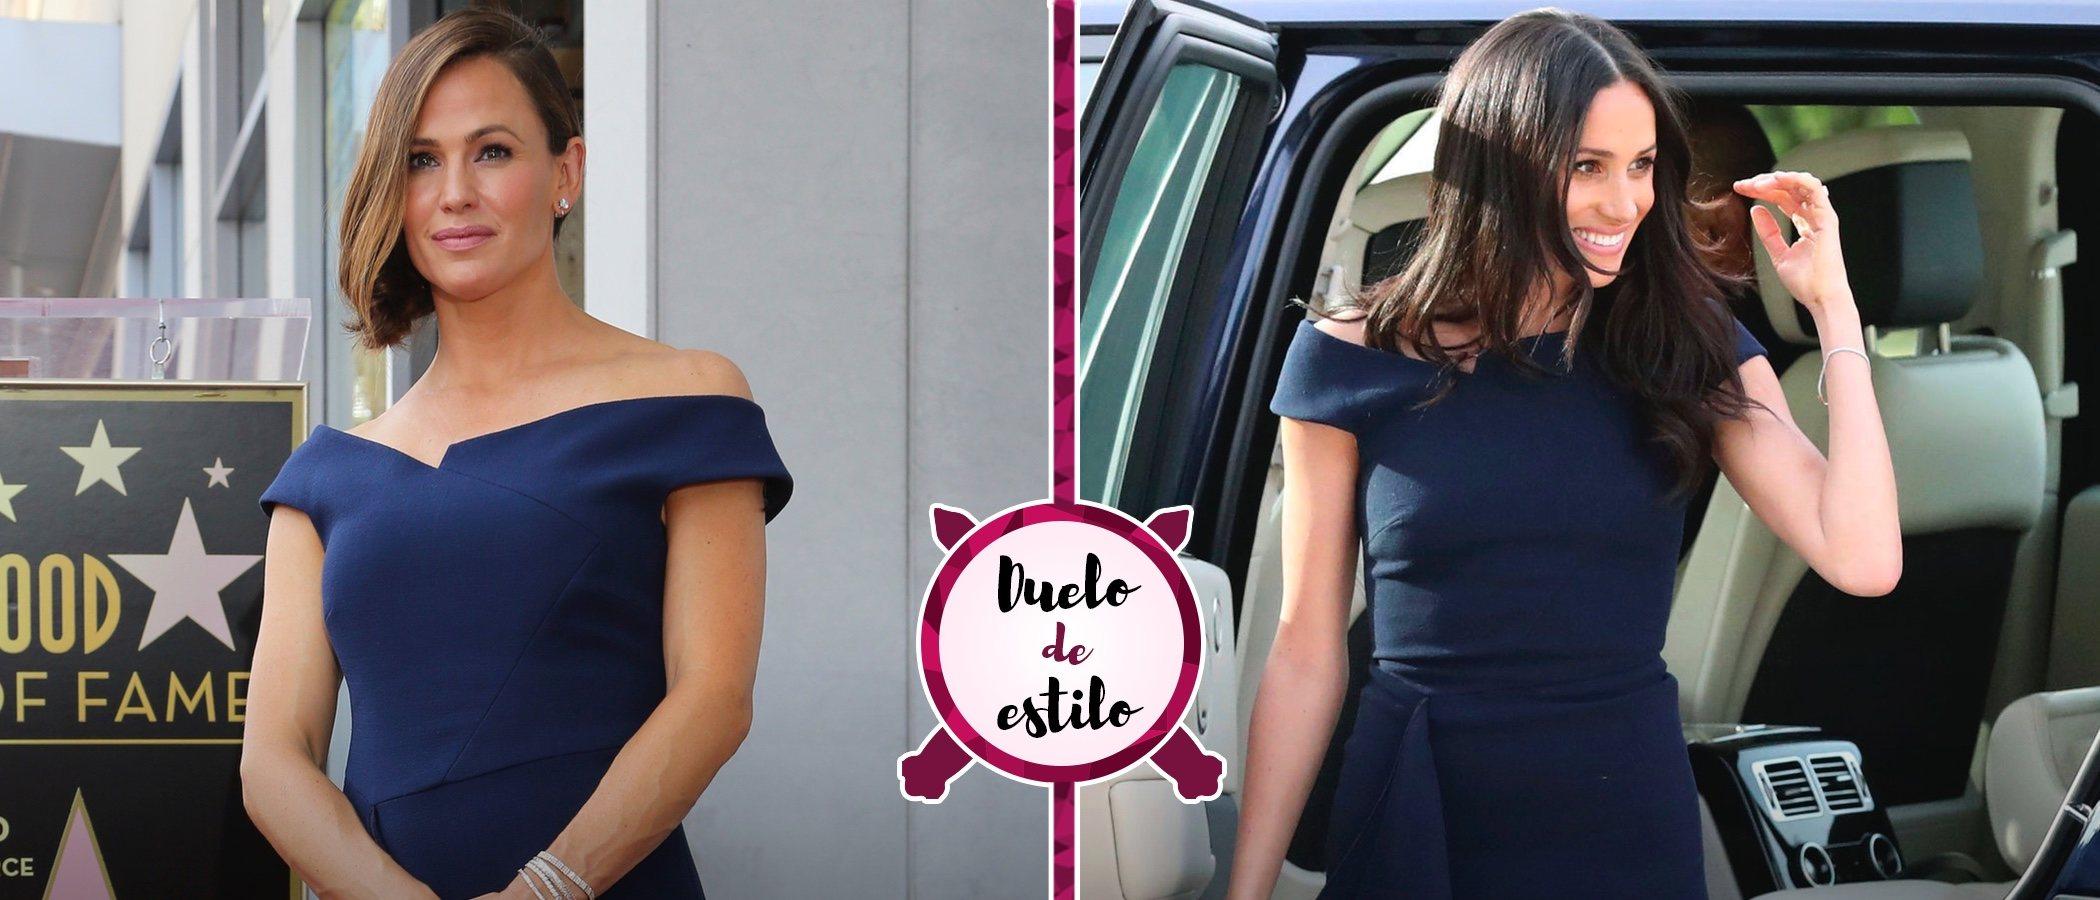 Meghan Markle y Jennifer Garner se decantan por el mismo diseño. ¿A quién le sienta mejor?